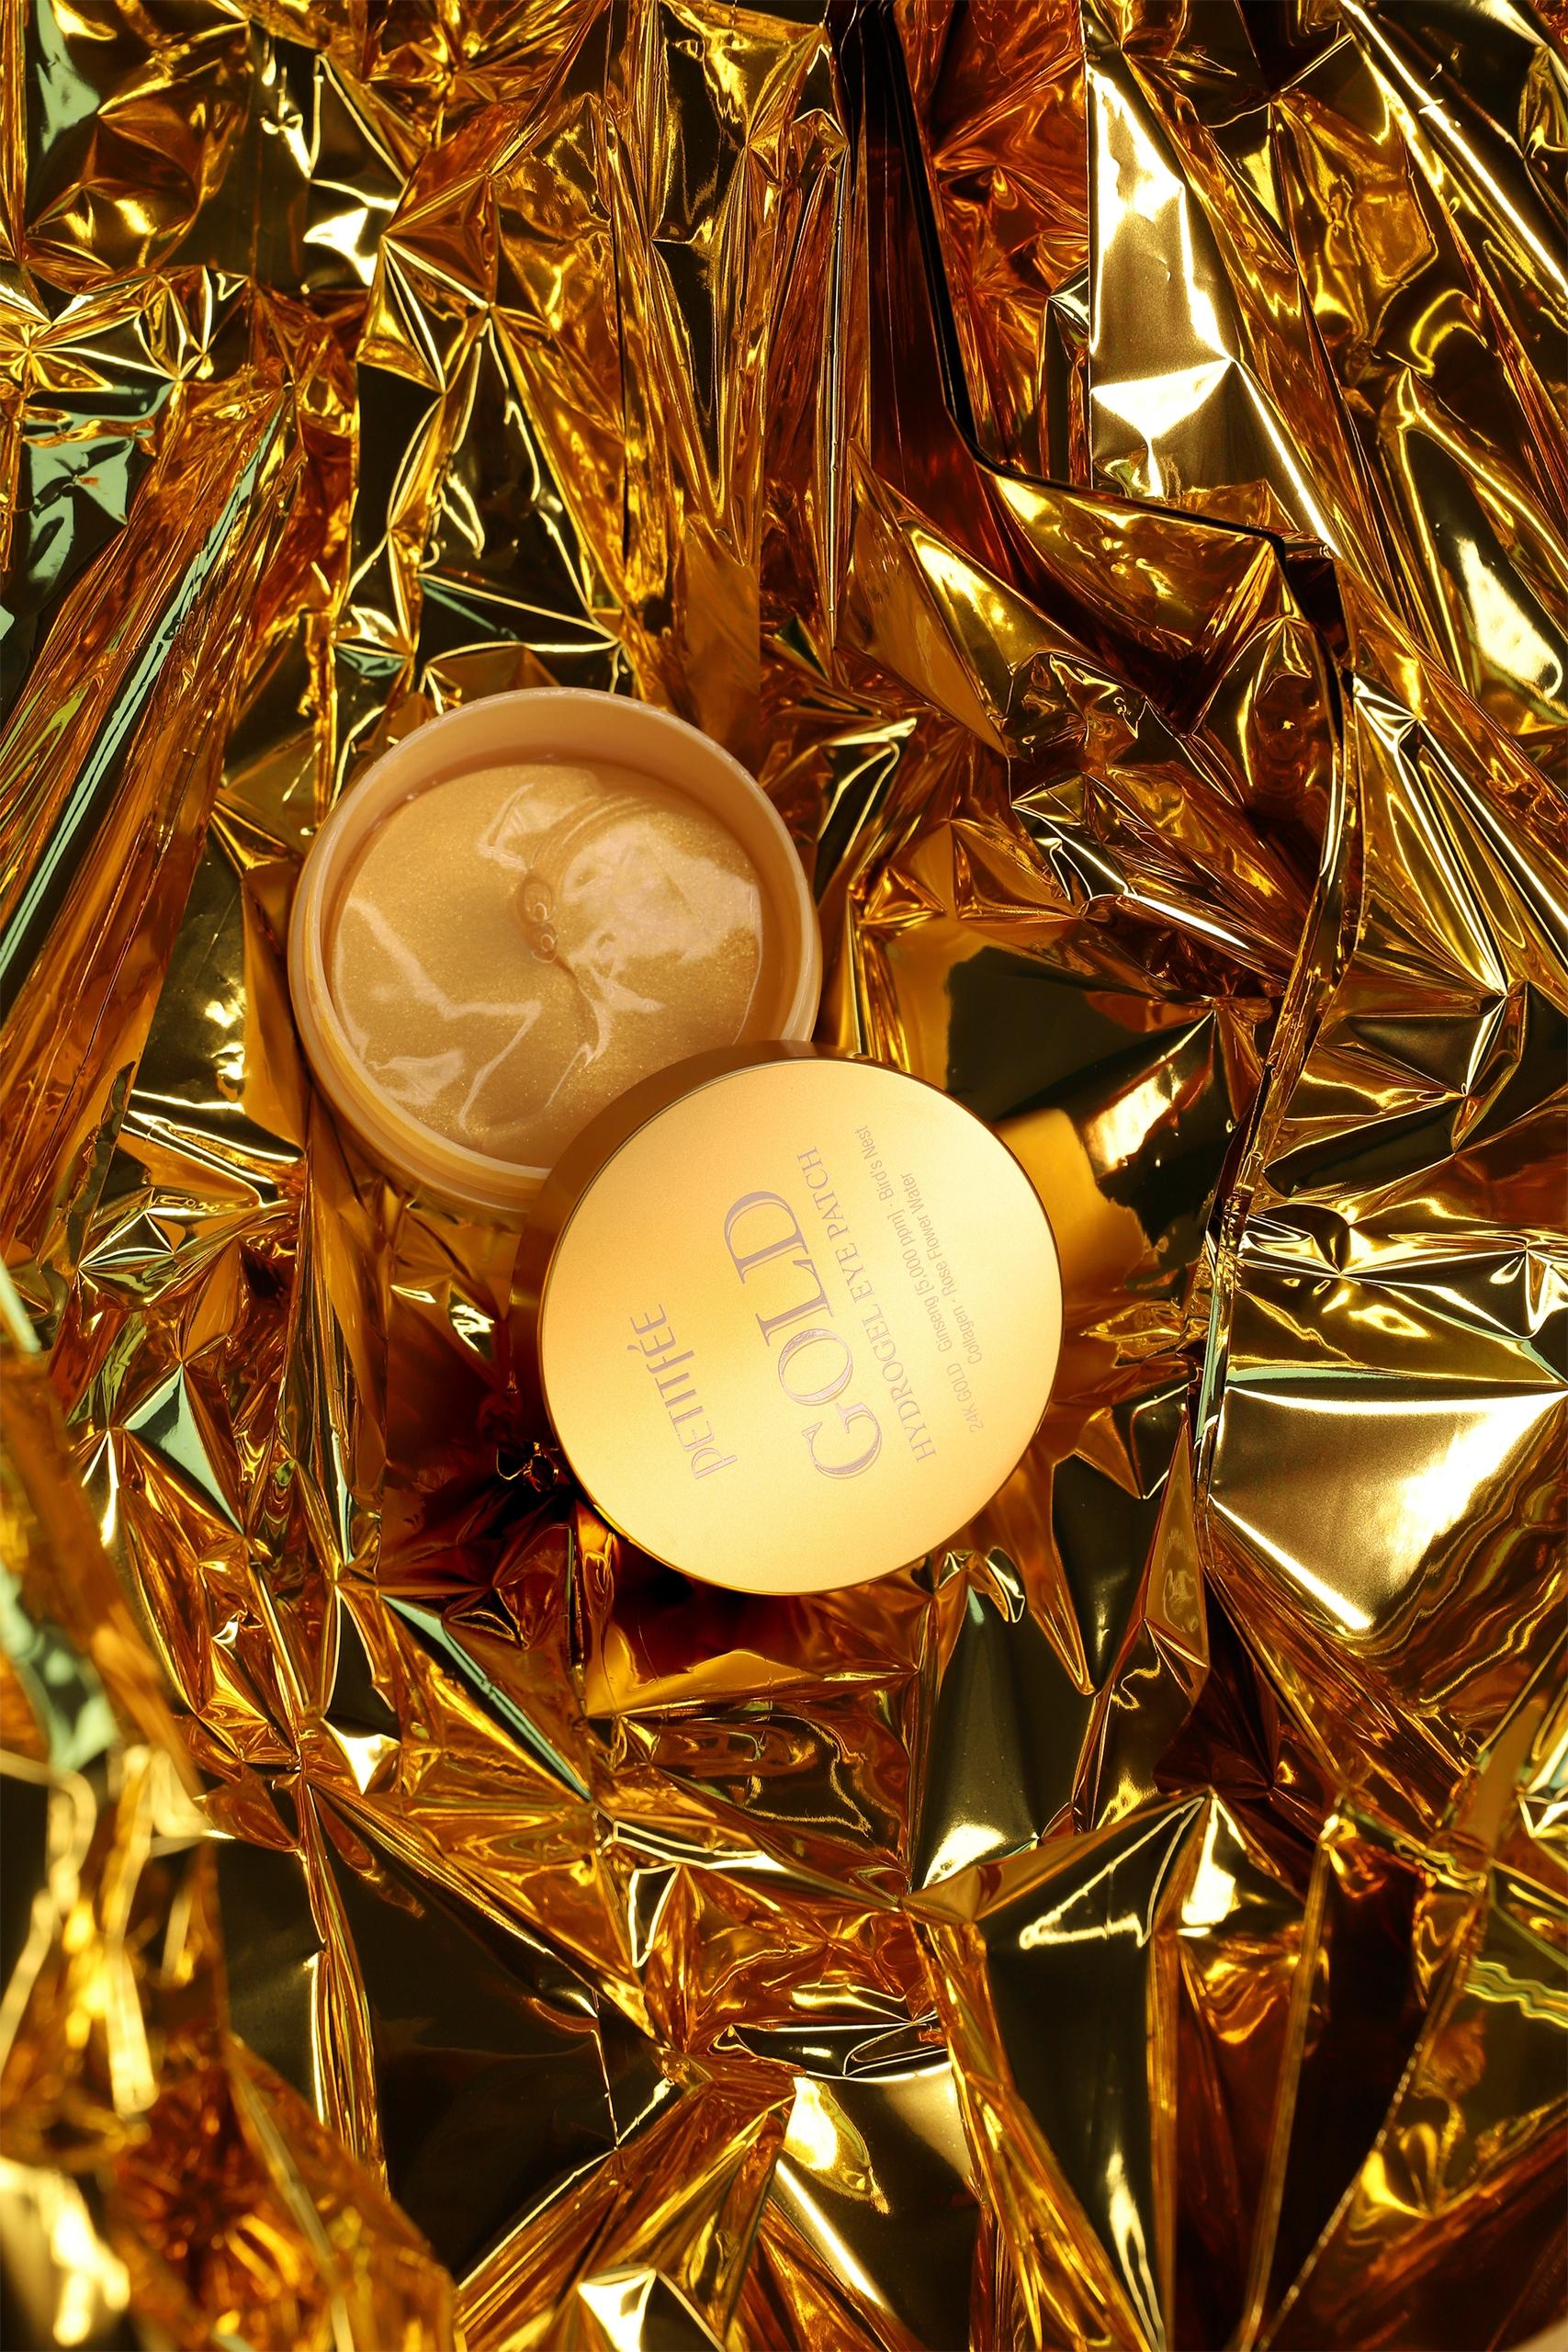 Zdjęcie przedstawia okrągłe złote pudełko leżące na złotej folii.